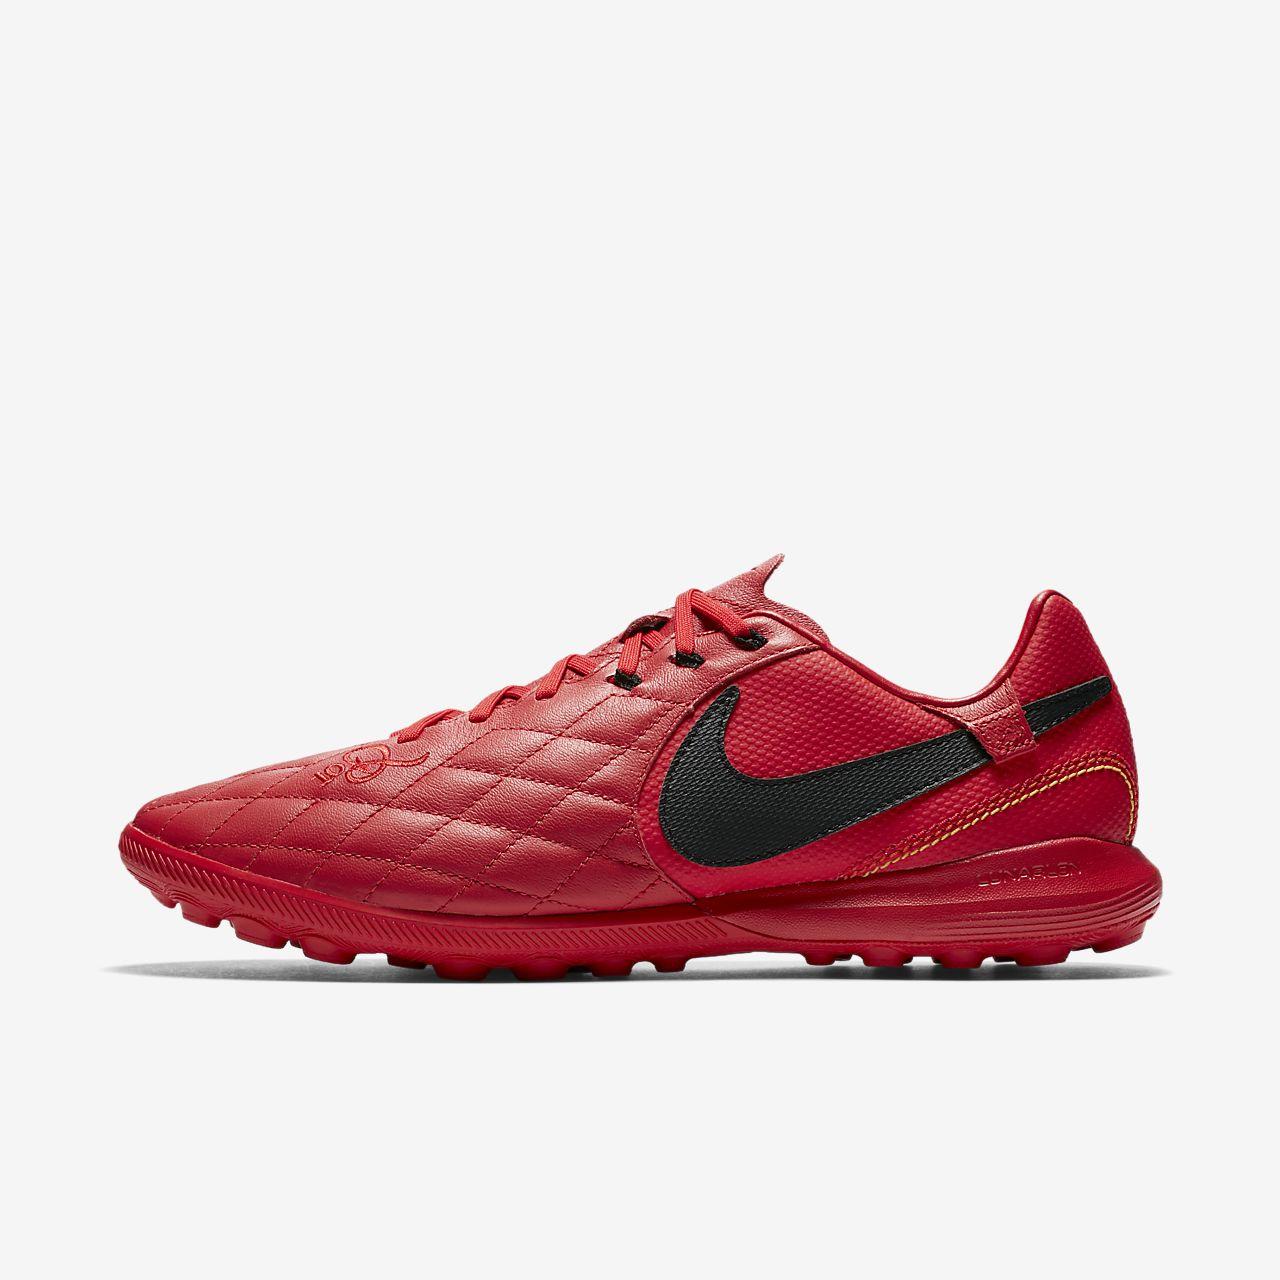 Nike TiempoX Ligera IV Artificial-Turf Men's Football Shoes Red/Black/White qV2273T